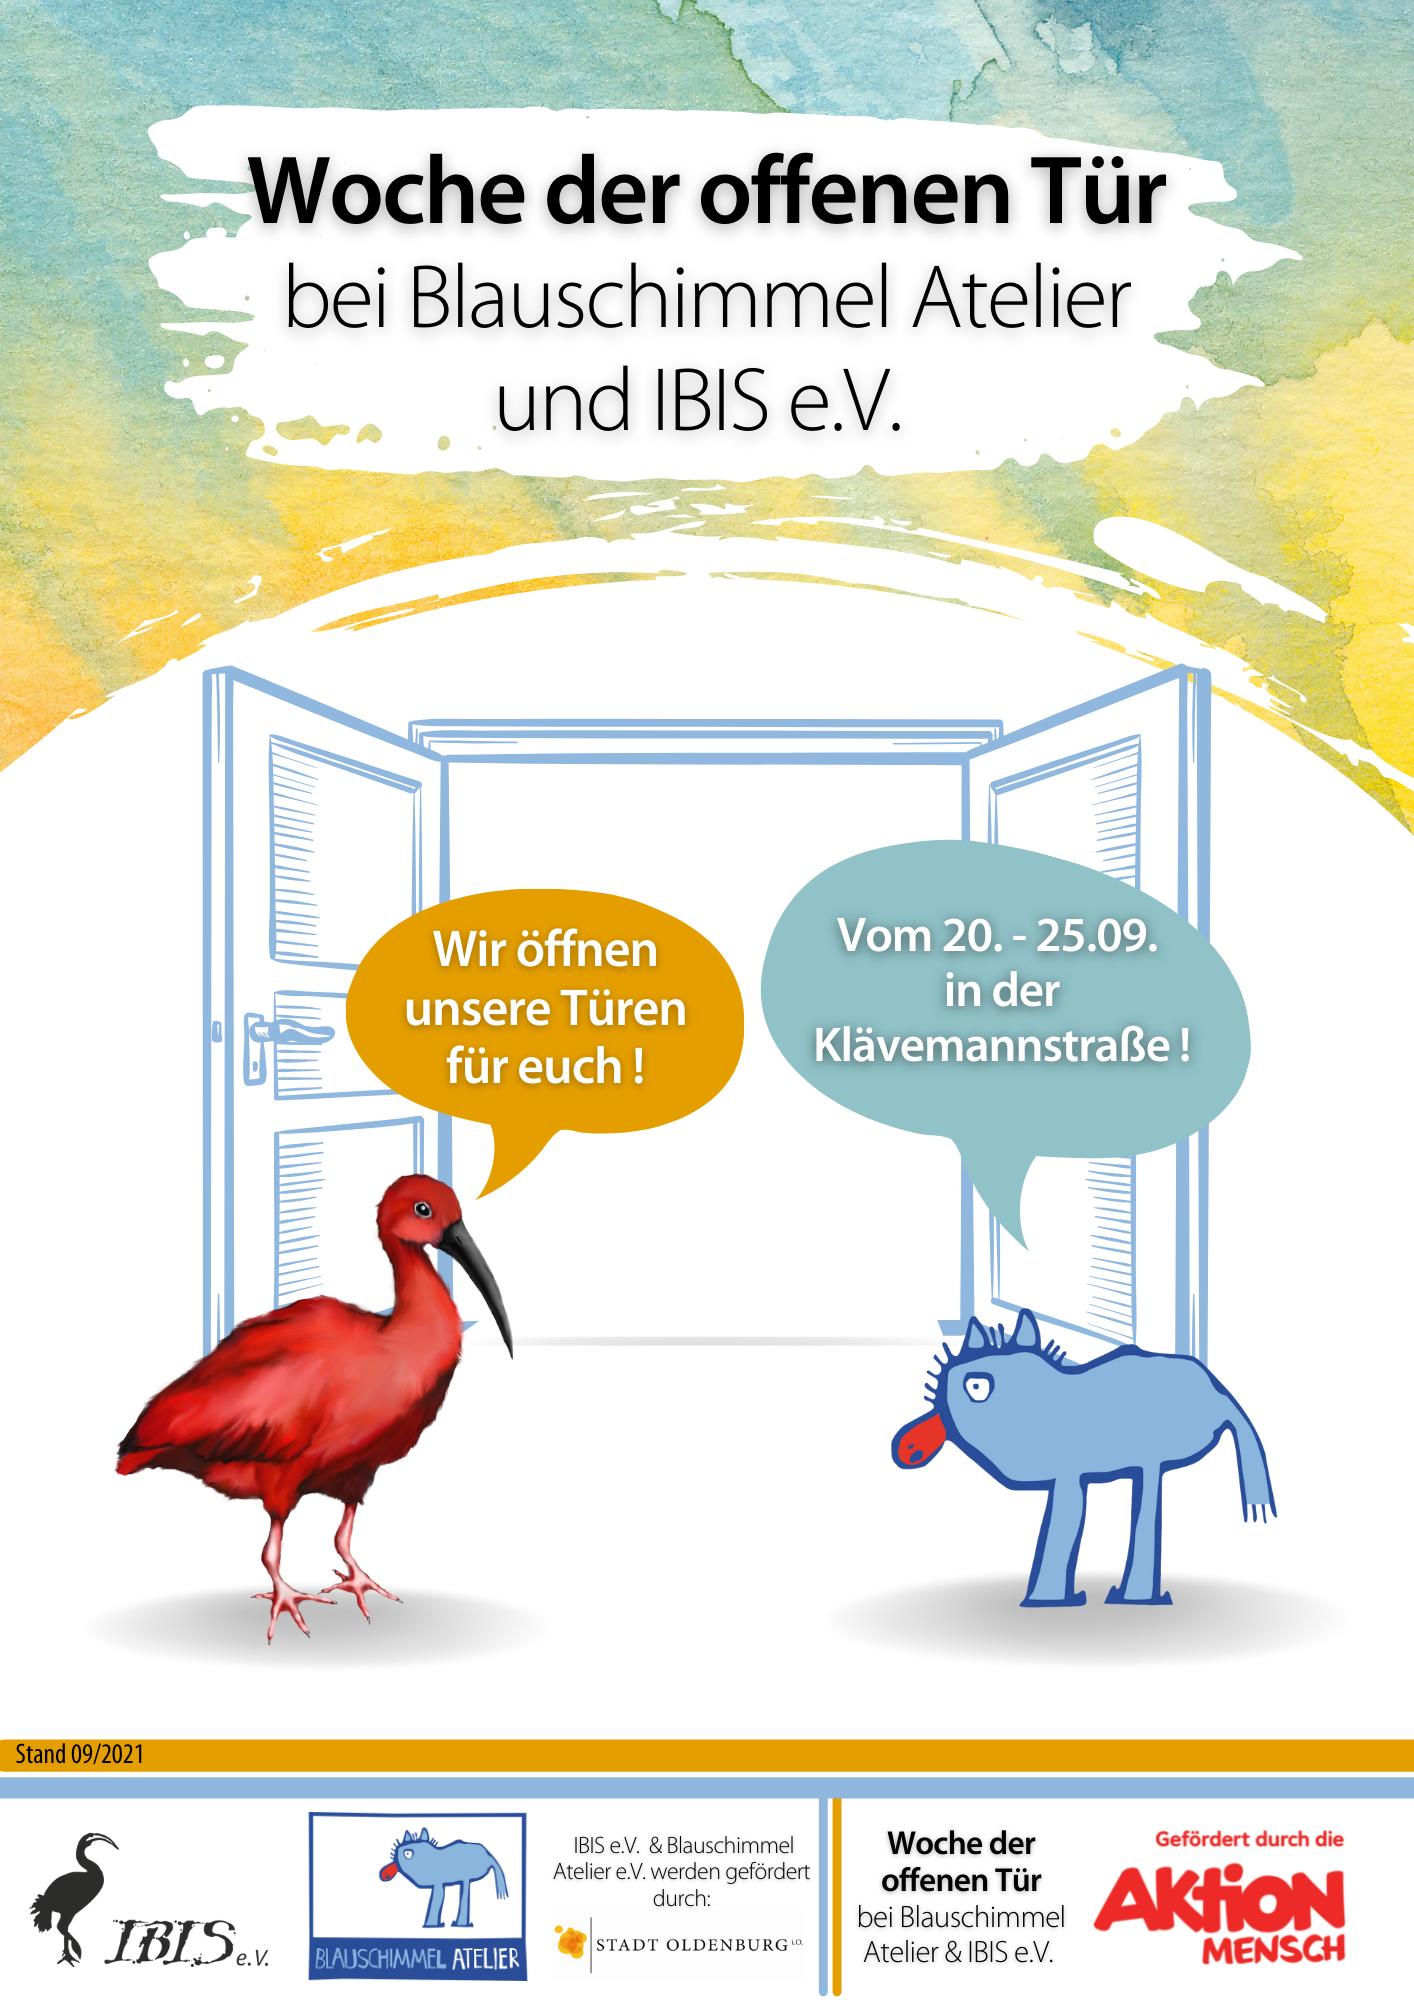 Woche Der Offenen Tür Bei Blauschimmel Atelier Und IBIS E.V.